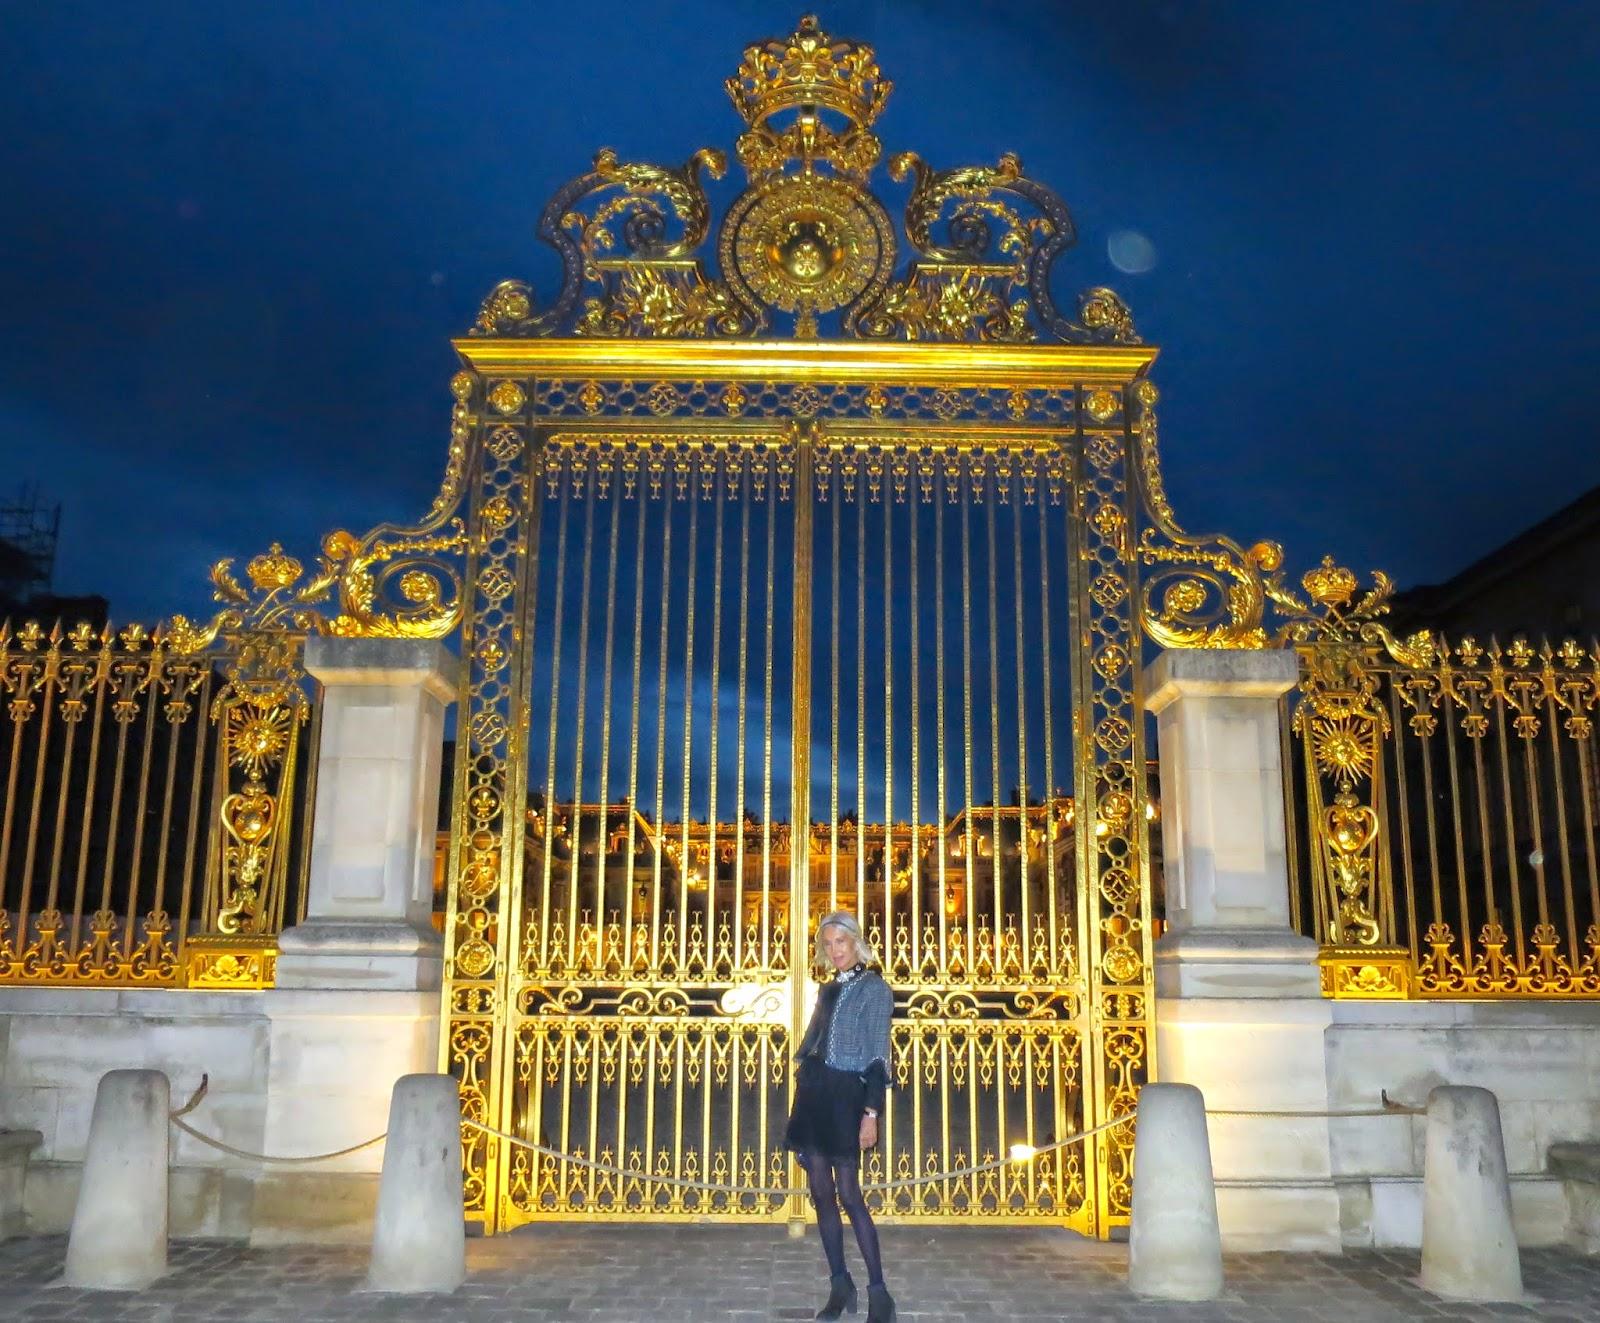 mas de la chapelle interview proprietaire. PAUL CLUZEL Président De La Réunion Des Musées Nationaux Grand Palais , ANNE CHAMPIGNEULConcert En Chapelle Royale Du Chateau Versailles . Mas Interview Proprietaire